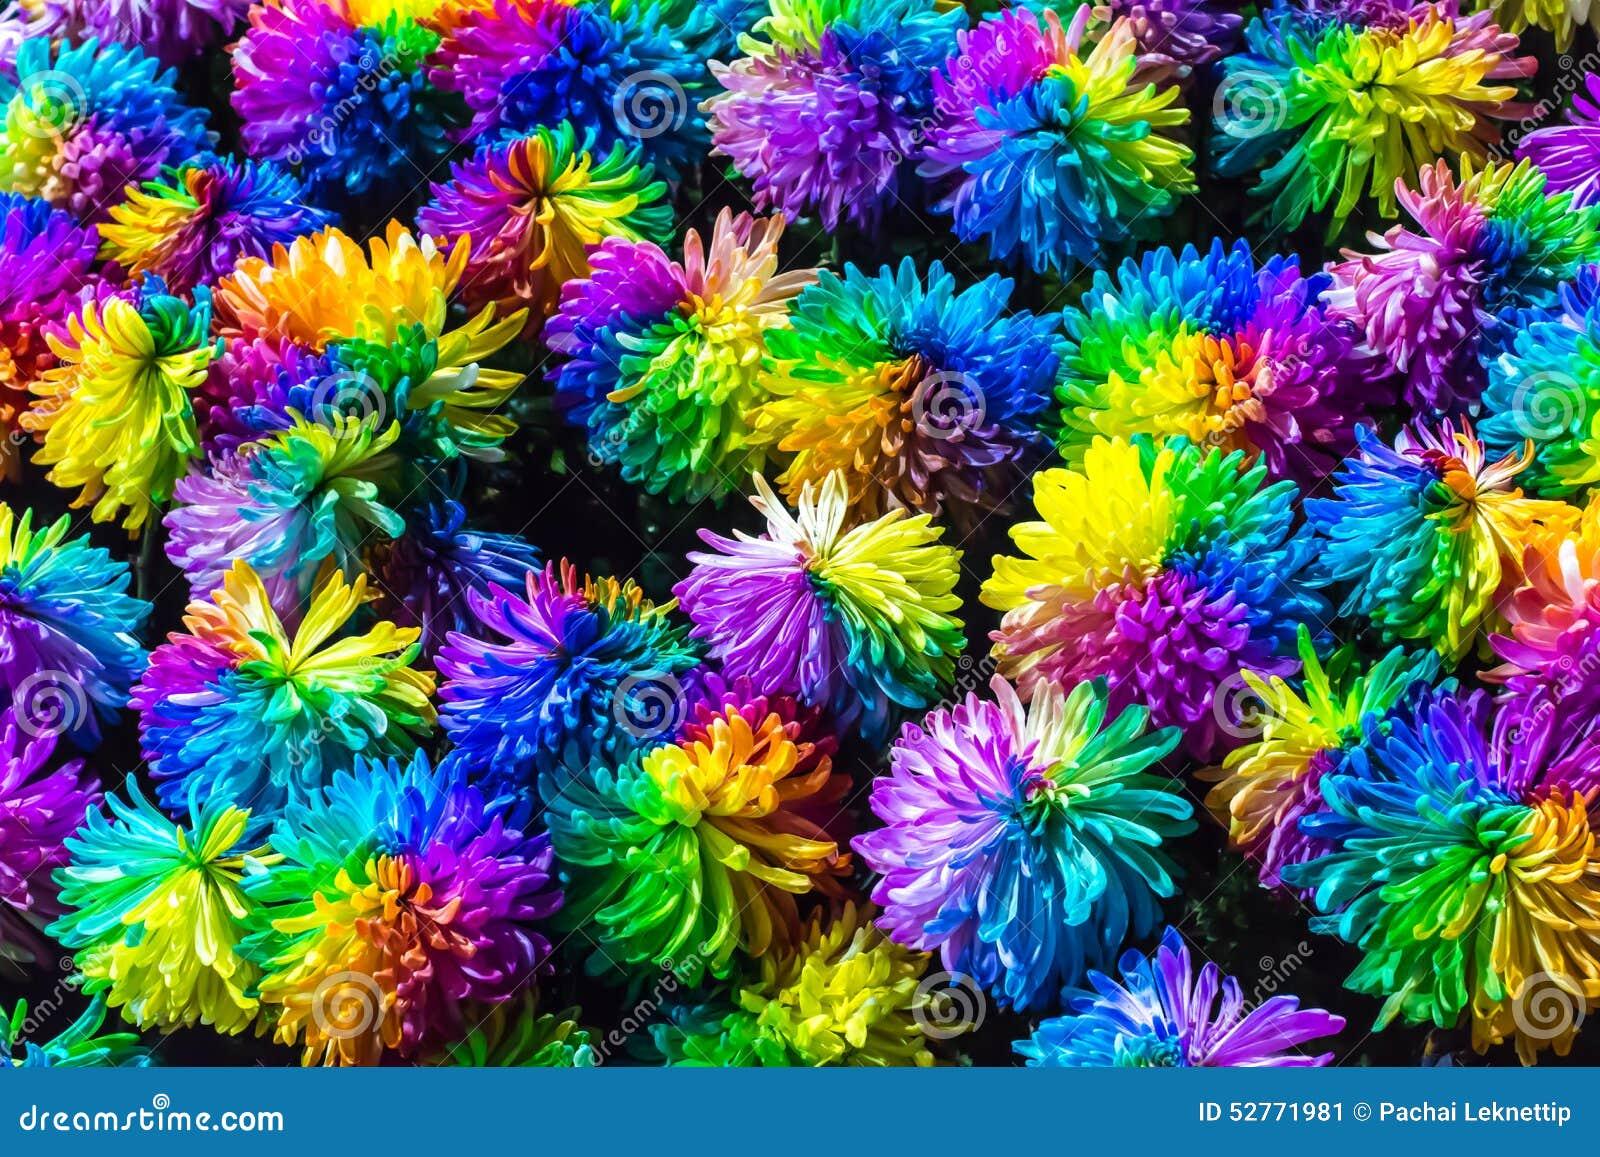 fleur d 39 arc en ciel de chrysanth me photo stock image 52771981. Black Bedroom Furniture Sets. Home Design Ideas